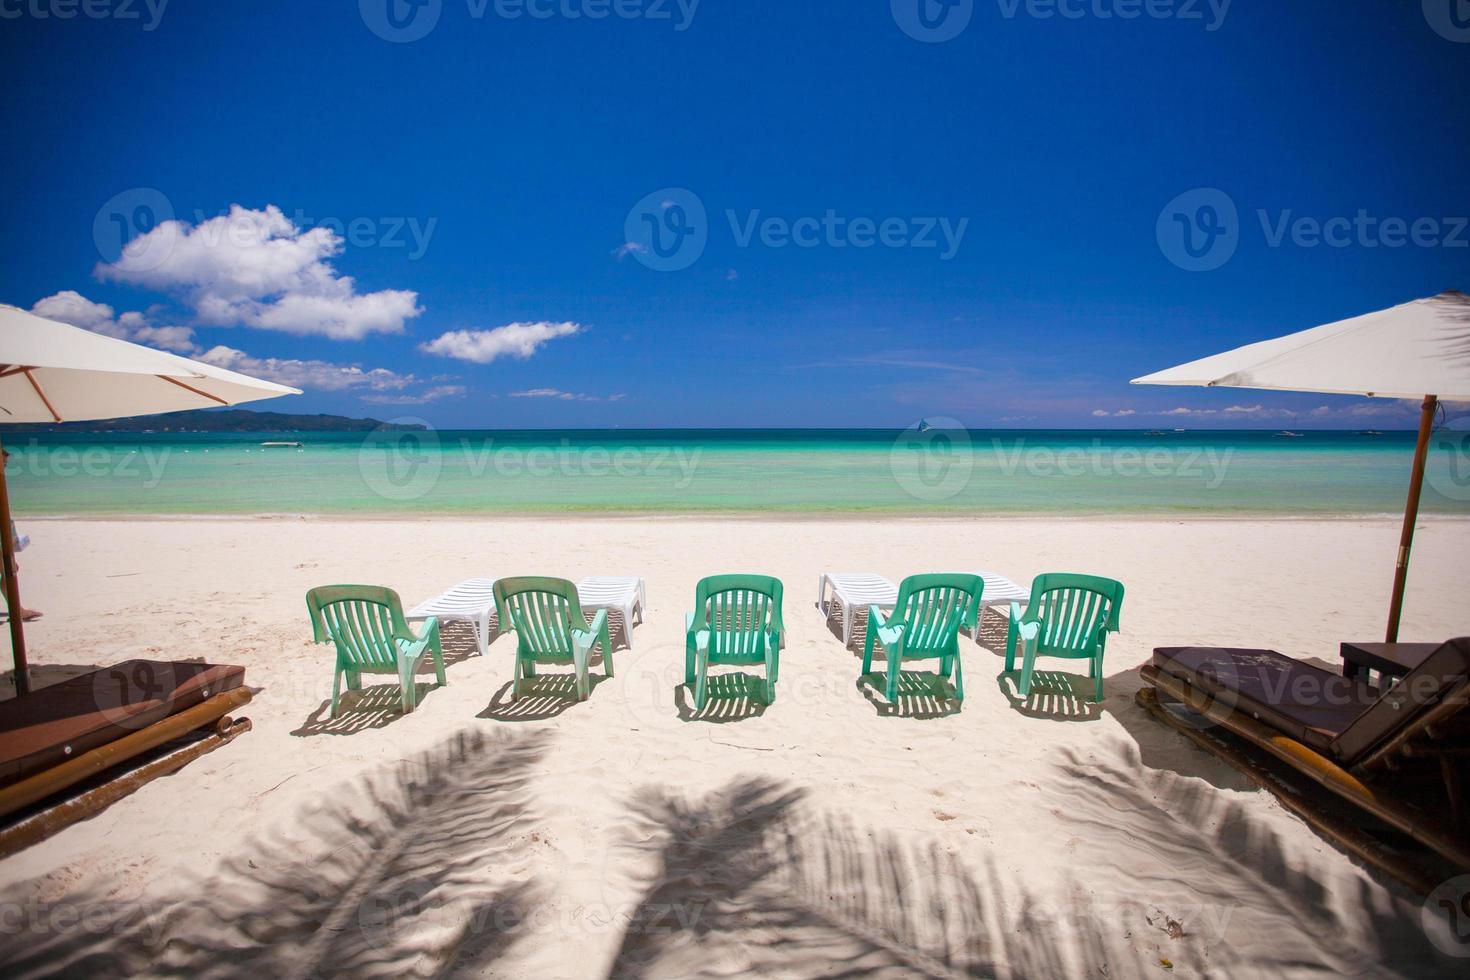 cadeiras na exótica praia tropical de areia branca foto